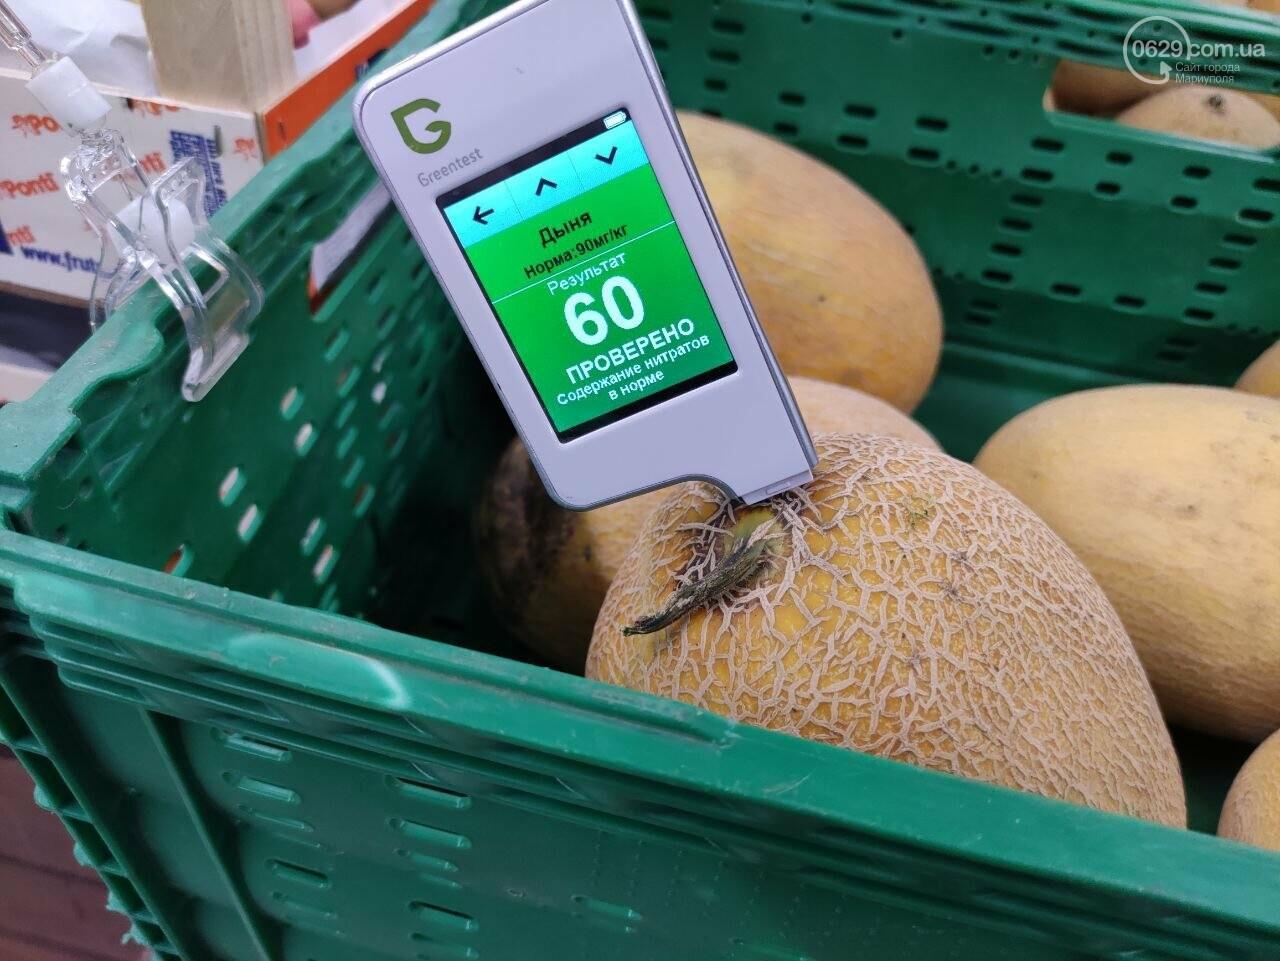 Проверка на нитраты в Мариуполе: опасные дыни в супермаркете и злые продавцы на рынке, - ФОТО, ВИДЕО, фото-9